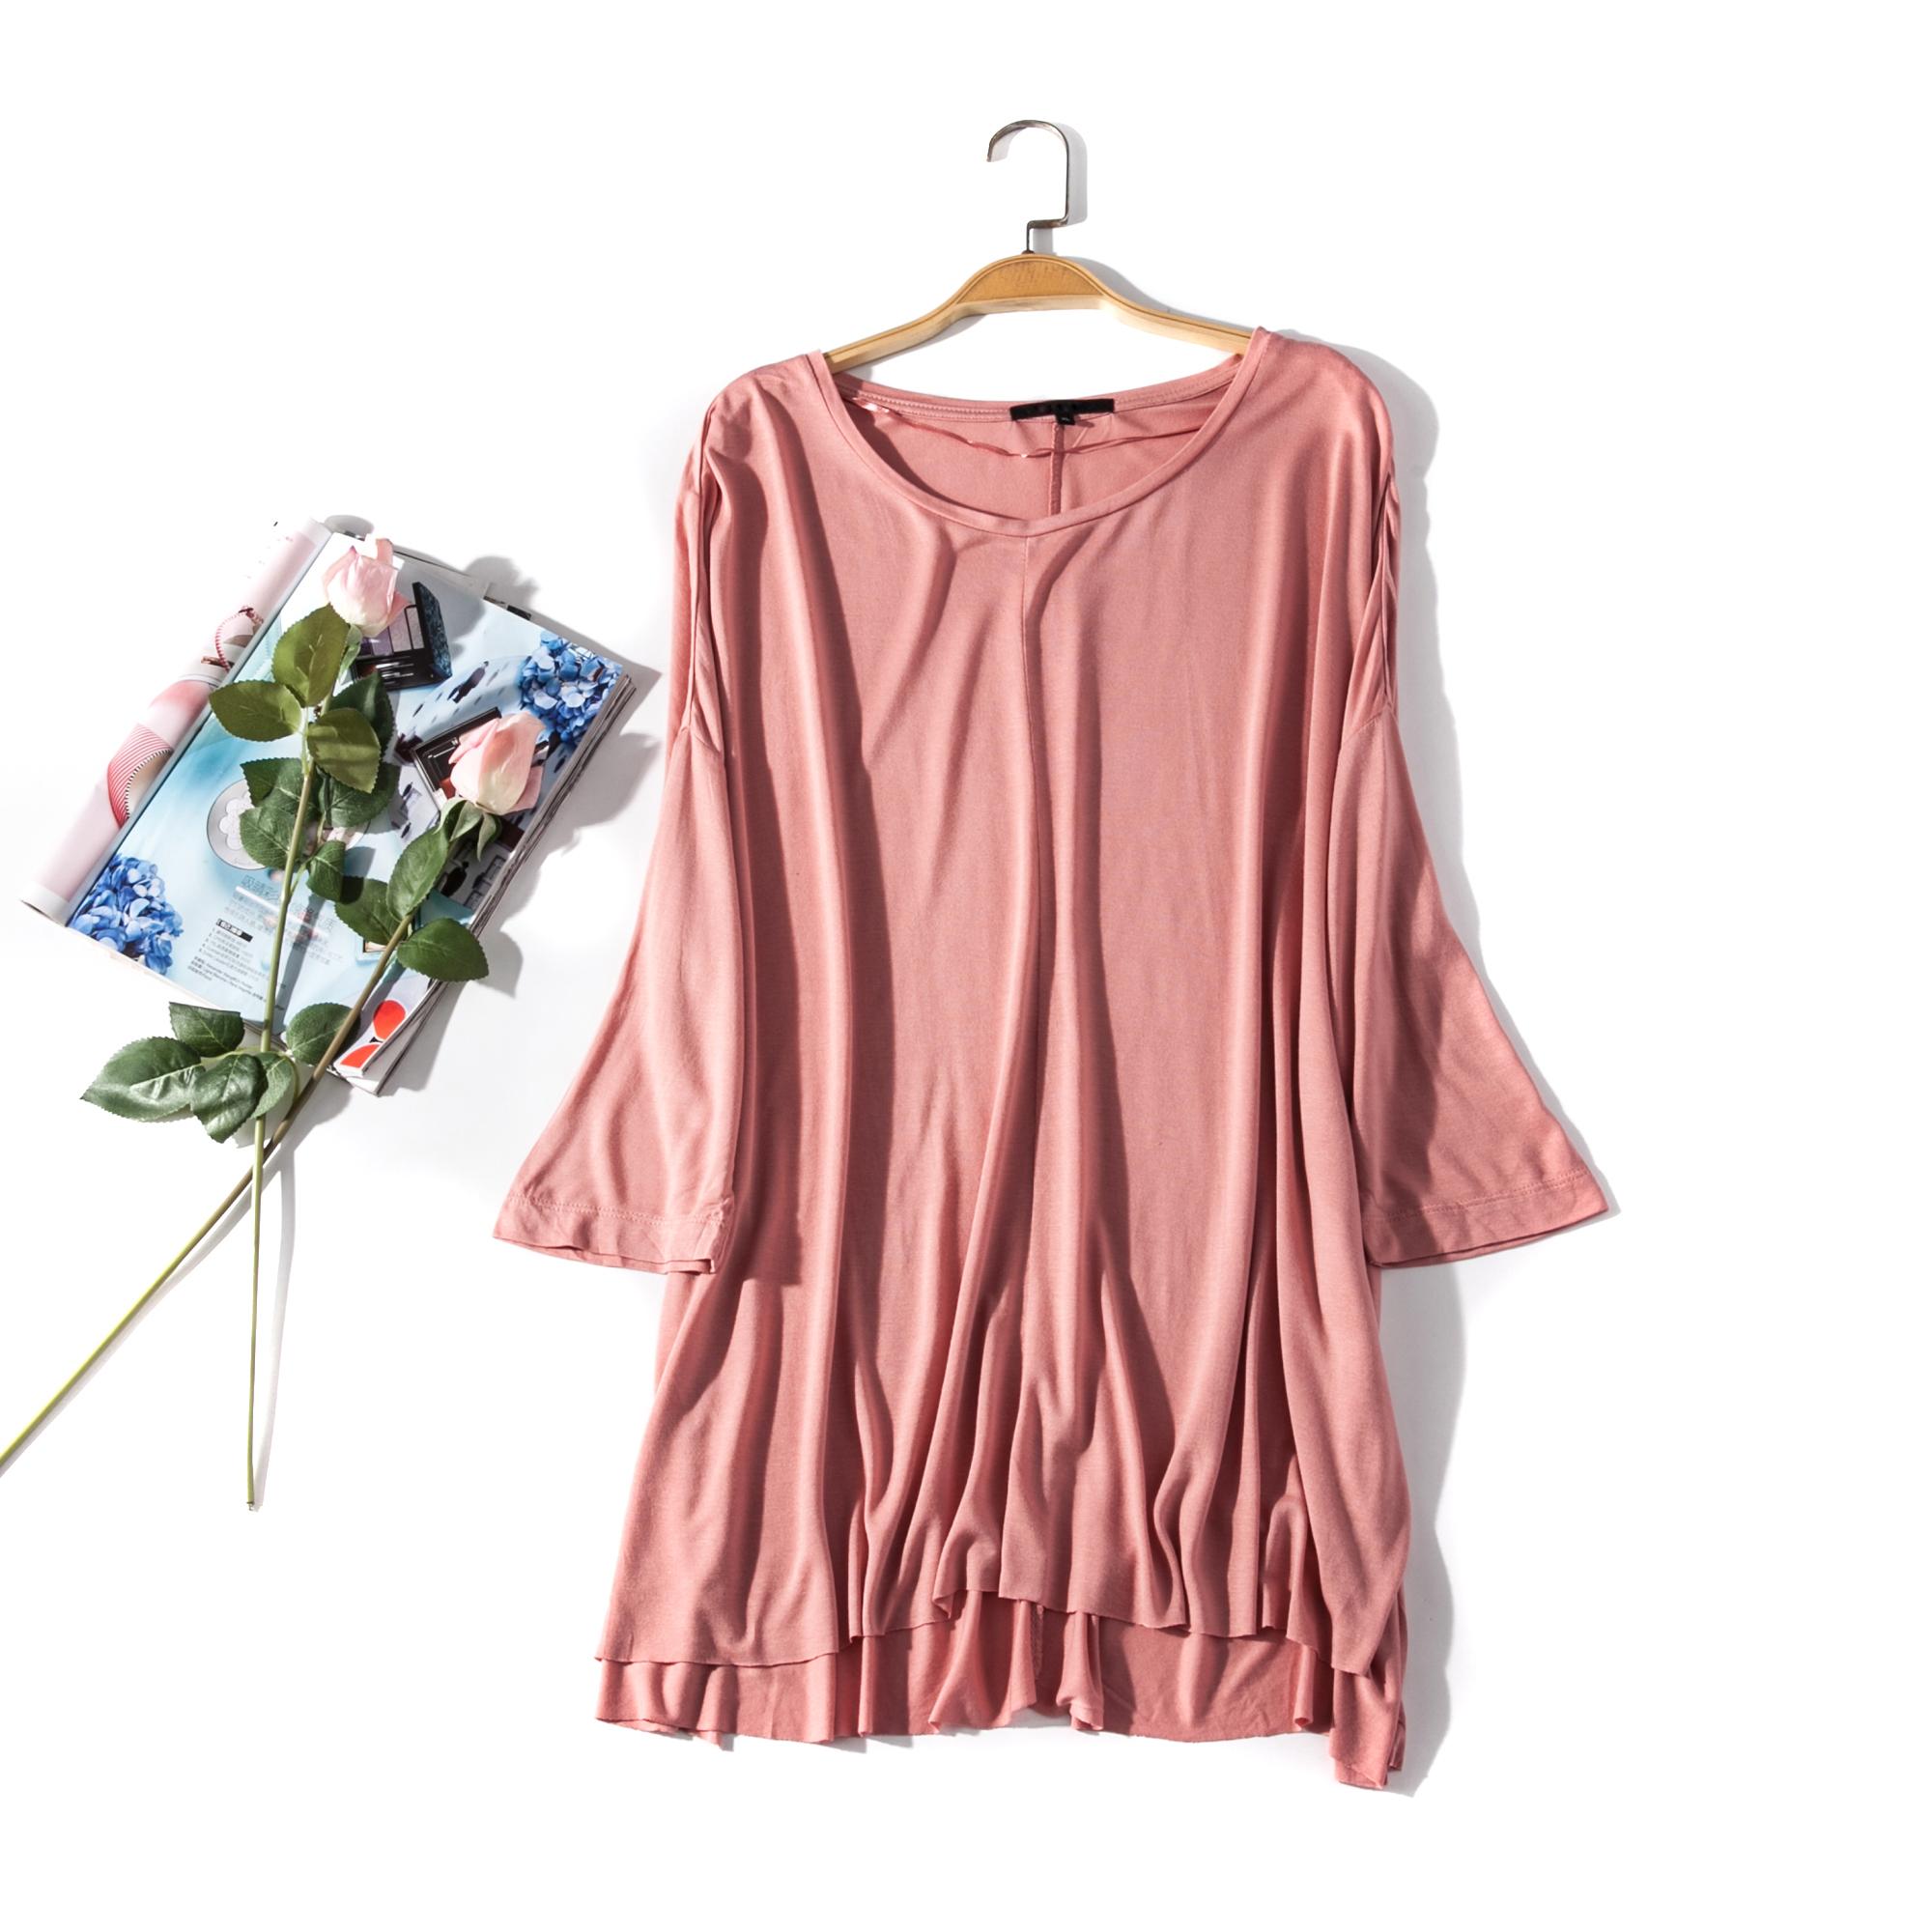 出口欧美单女装胸围116-140cm 纯色五分袖套头轻薄中长T恤L355